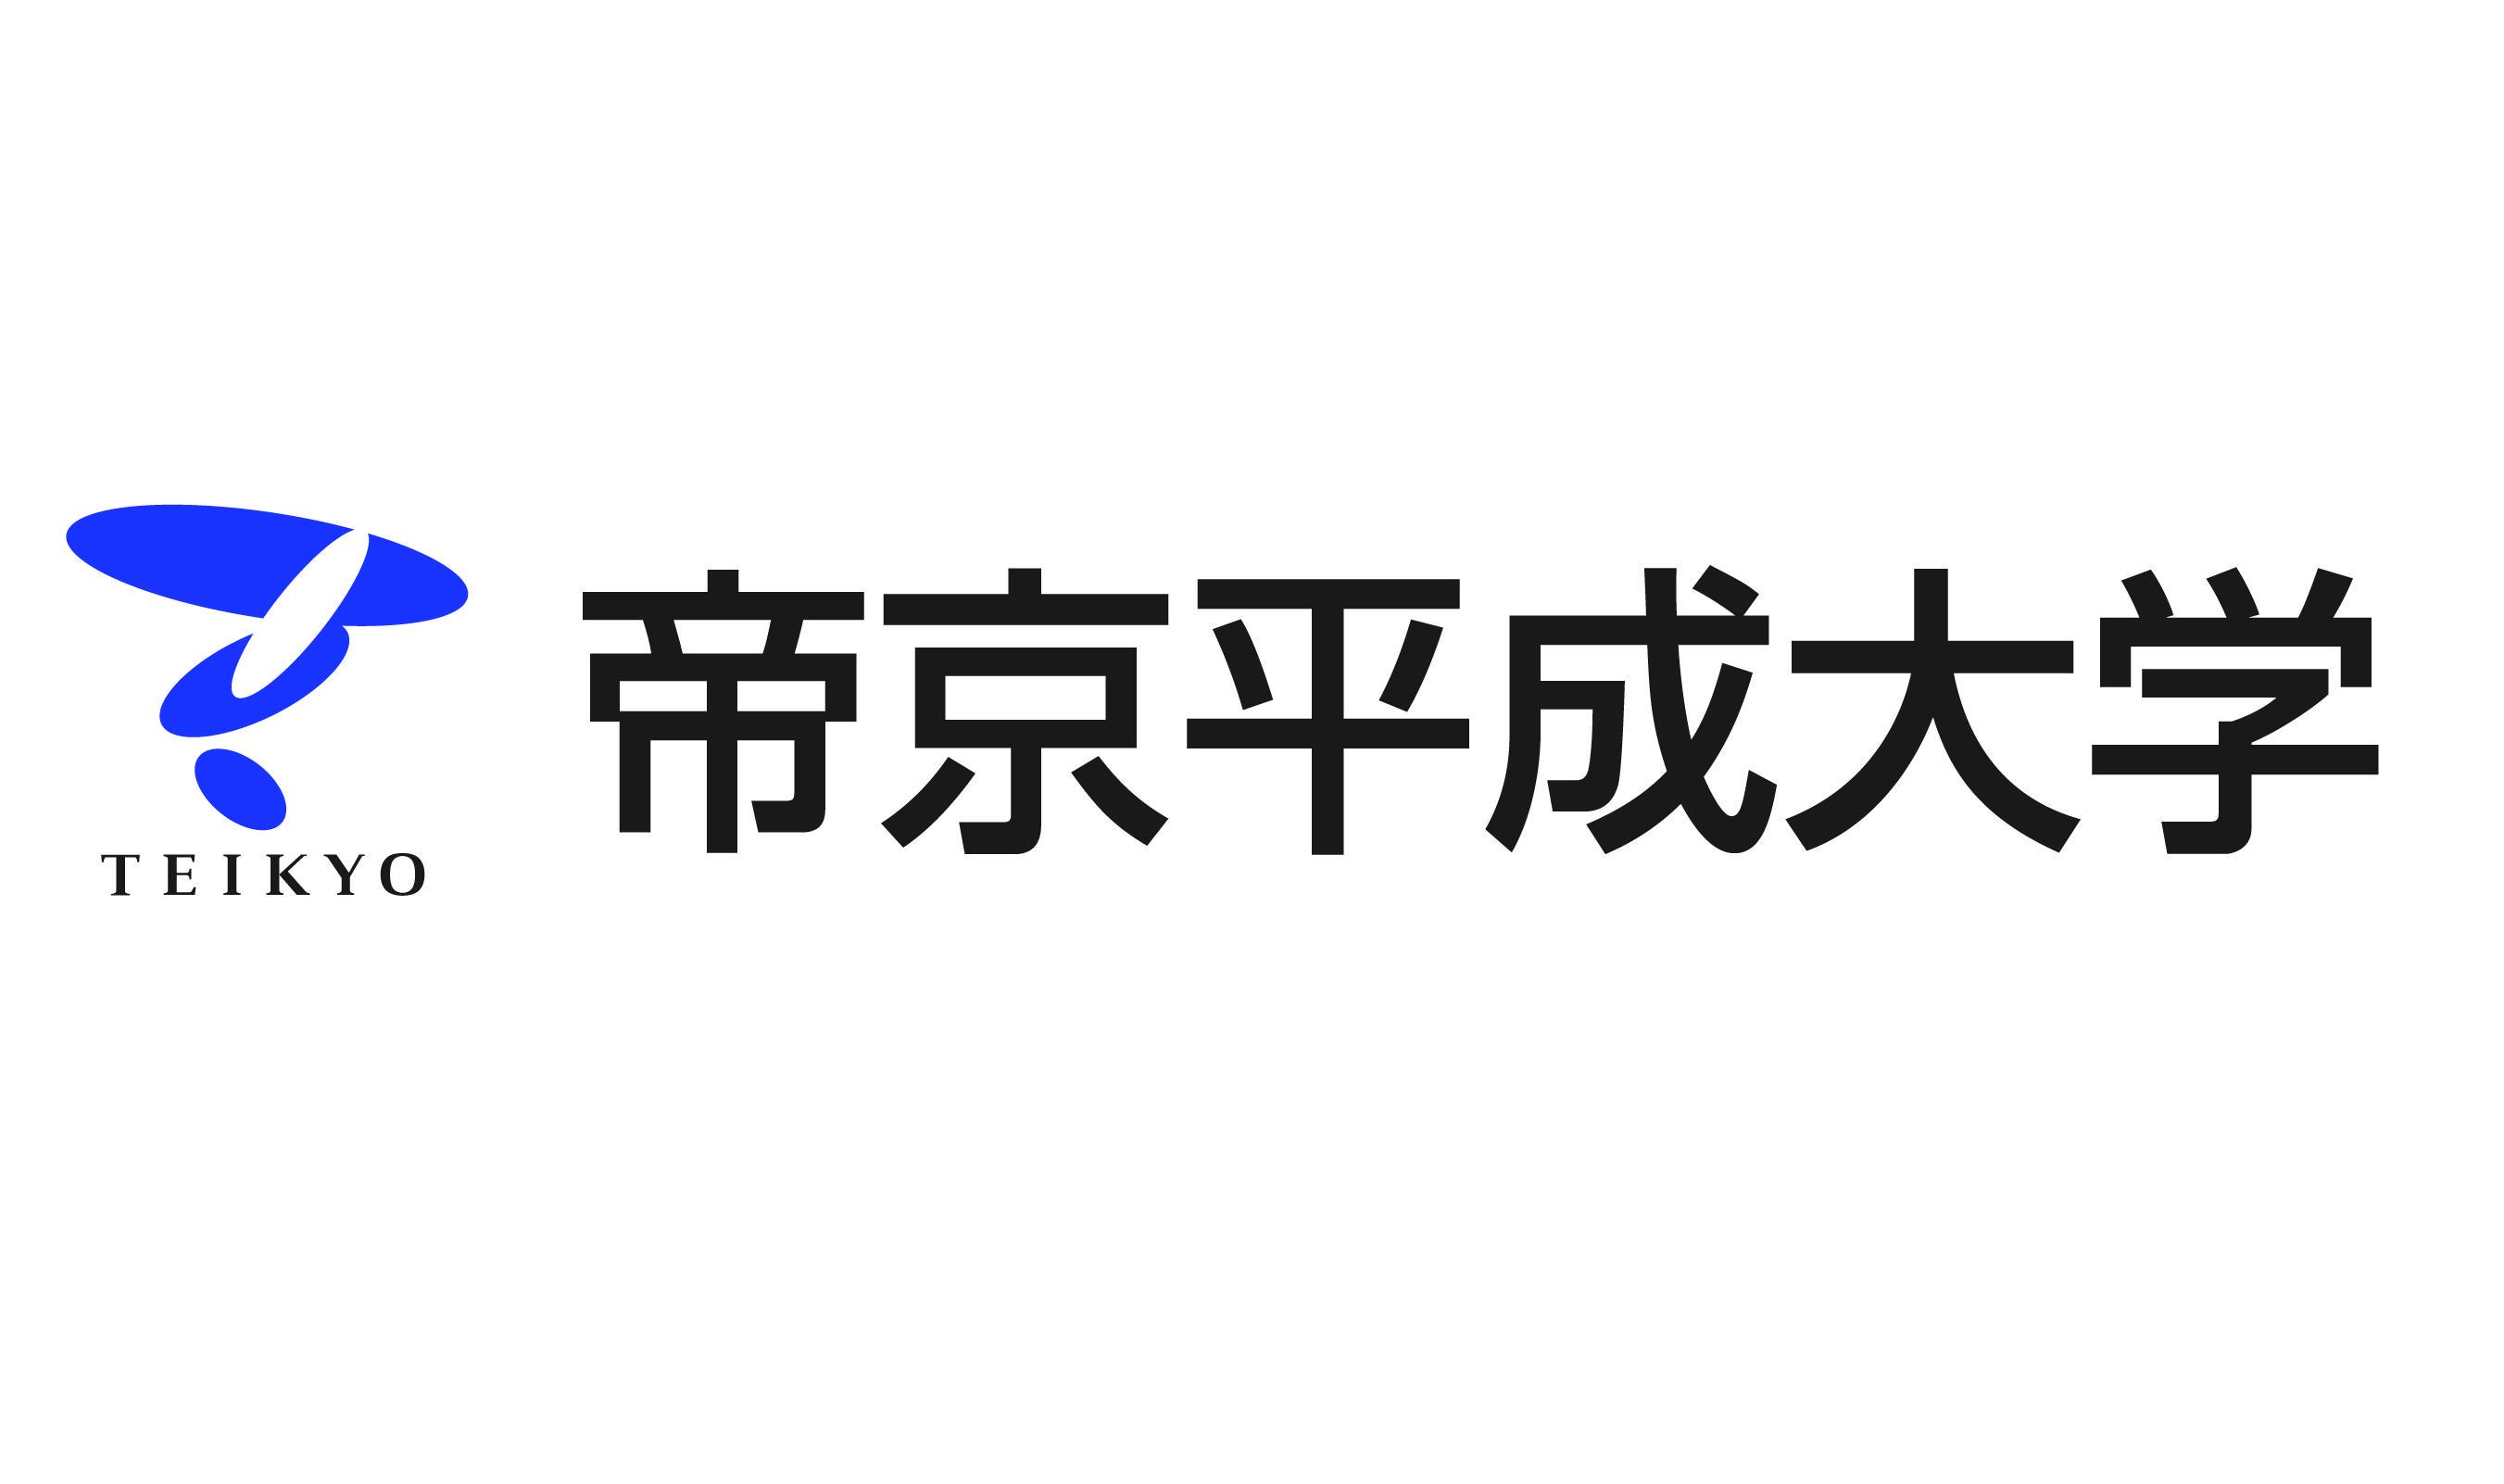 『帝京魂!』のフレーズで話題のファミリーマート店内CMにナレーター立木 文彦氏を起用 -- 帝京平成大学